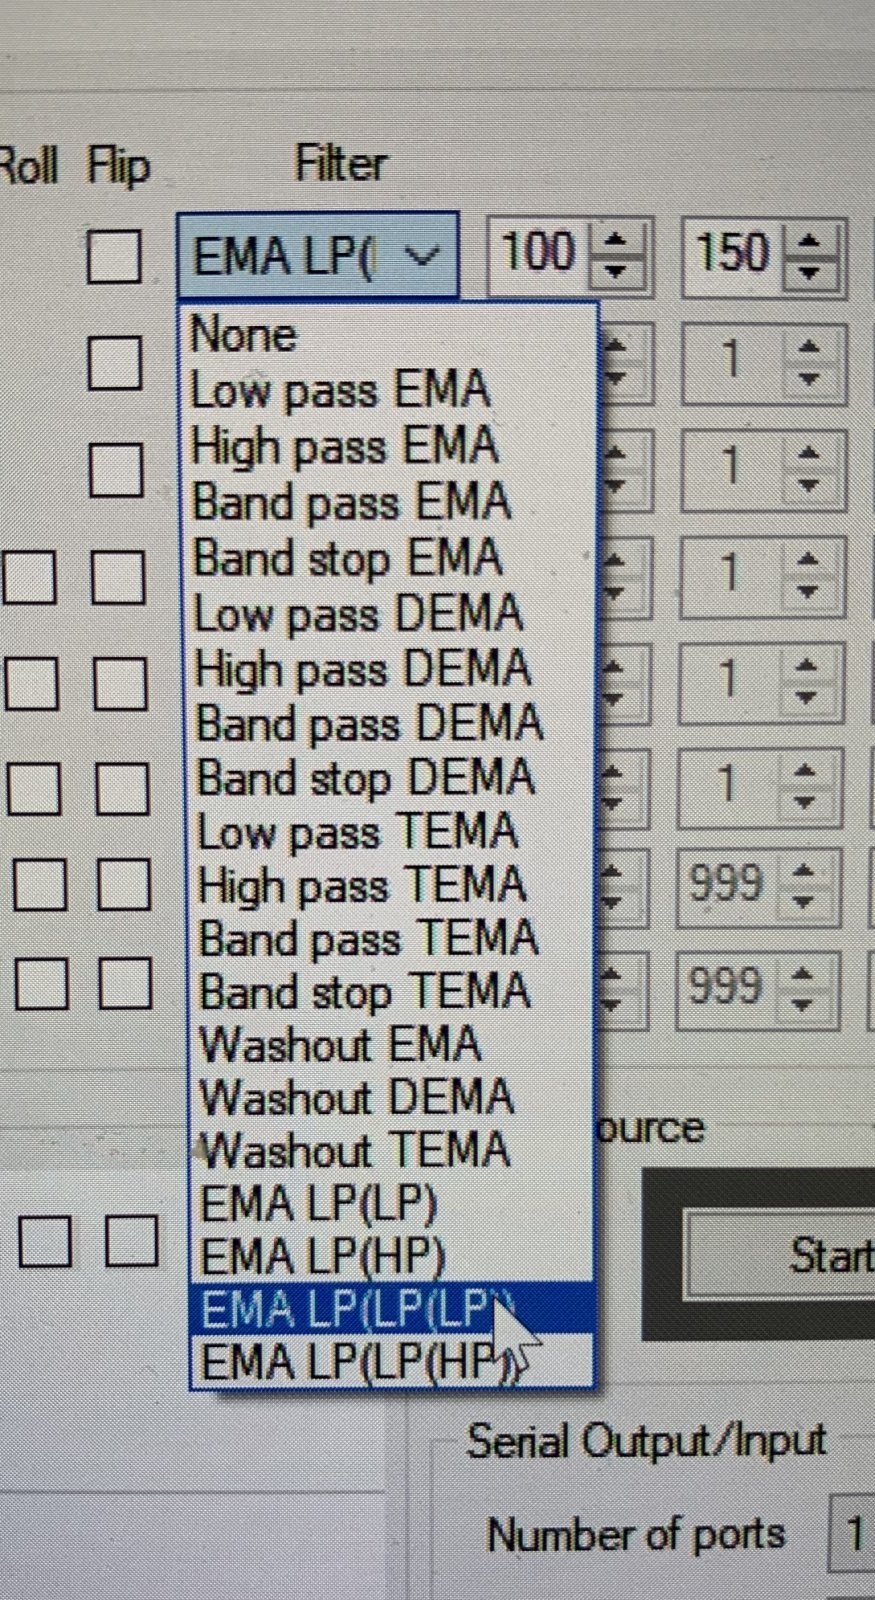 E6EC01C2-82DB-4A07-B6A5-038DFA5281BE.jpeg